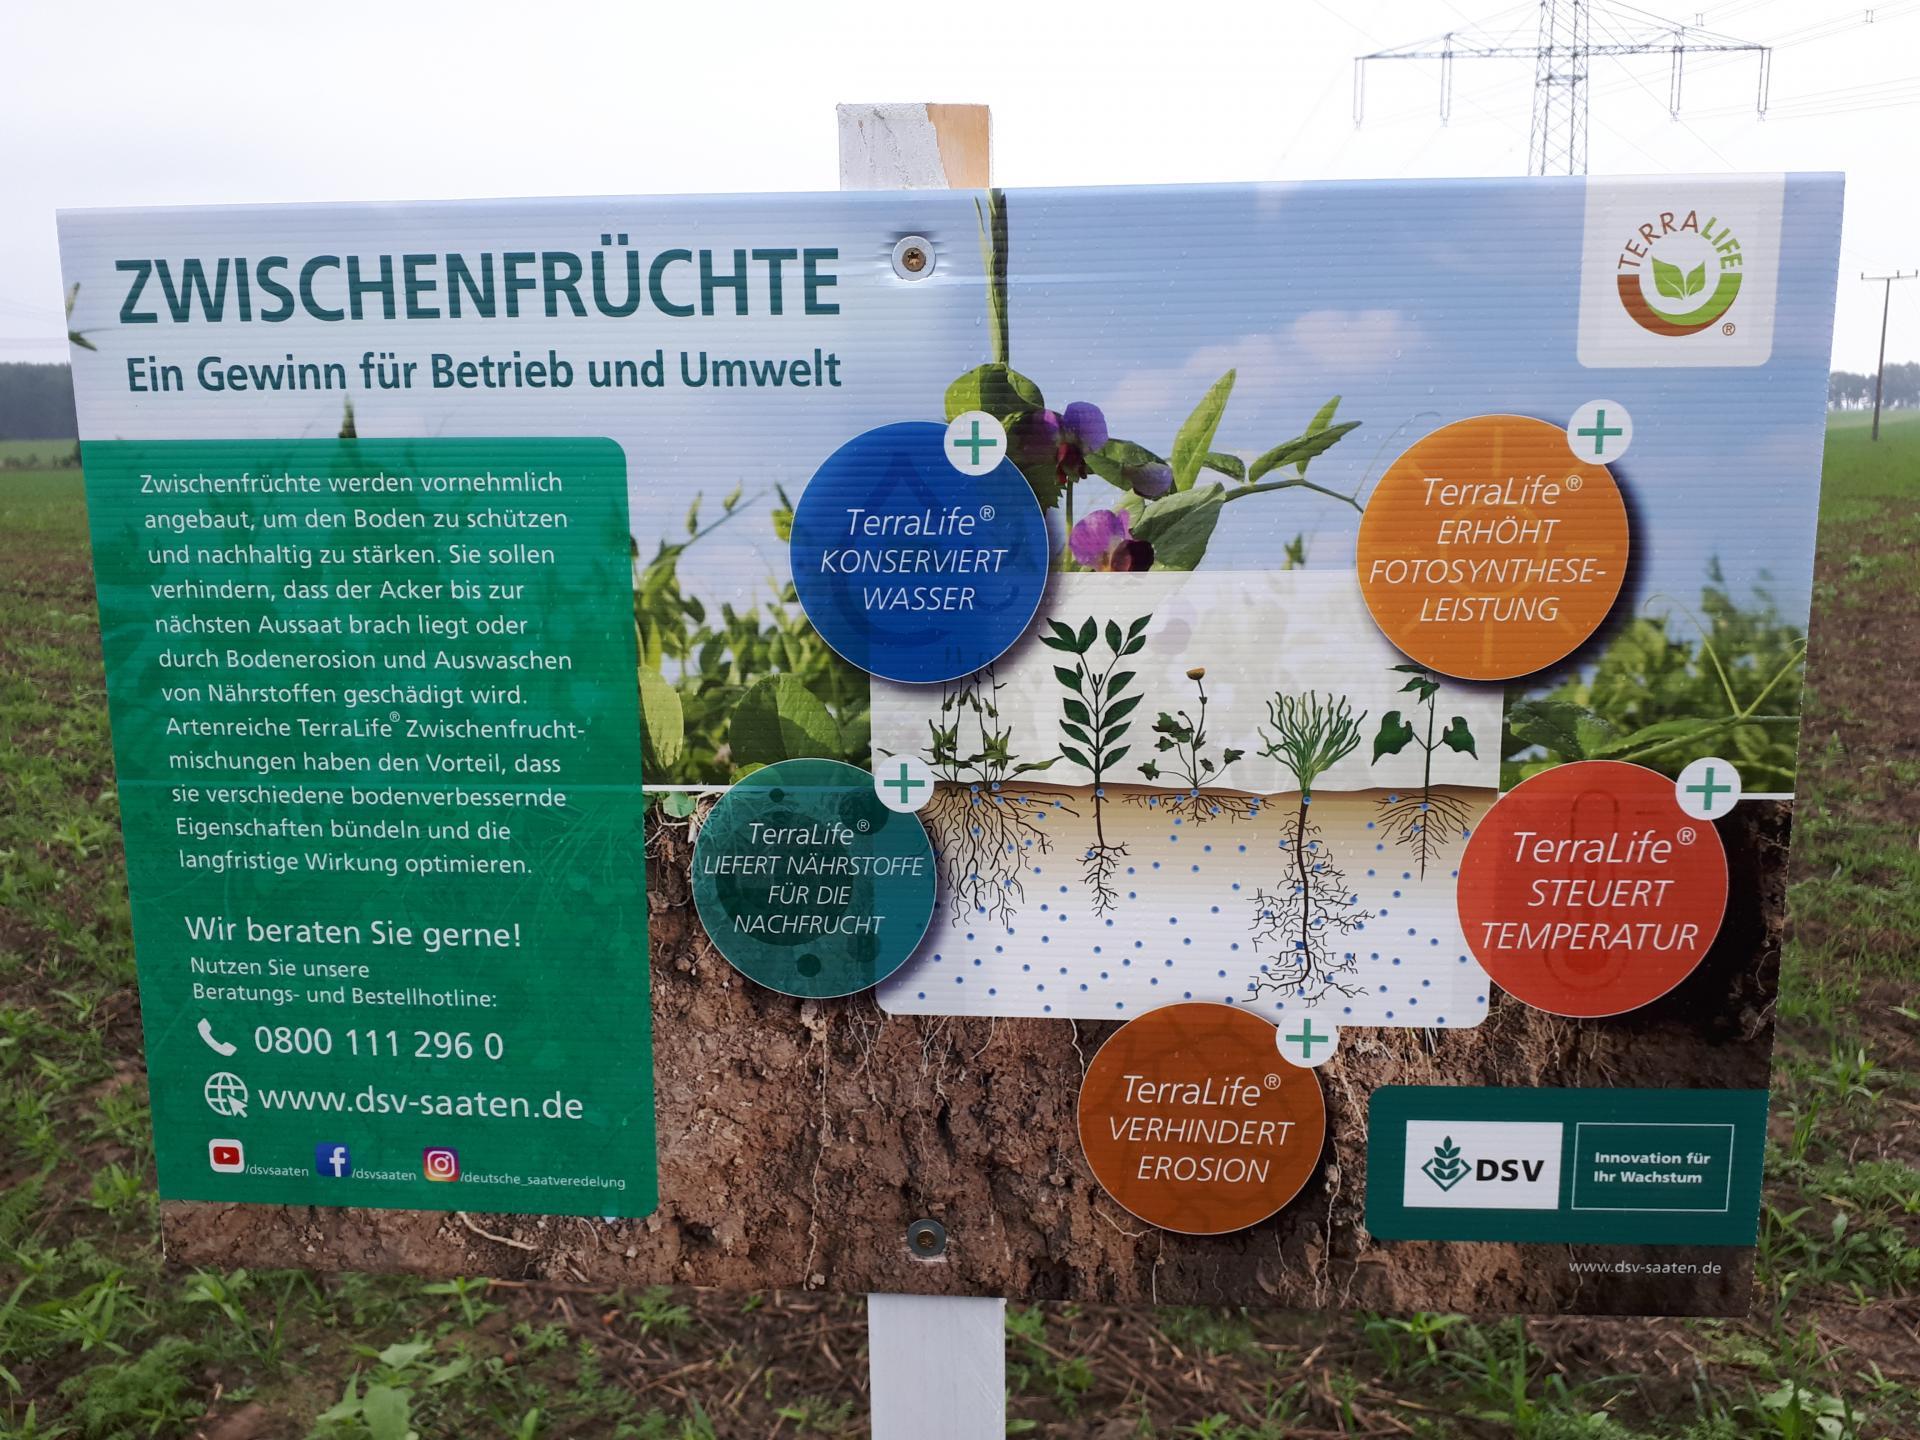 Lehrunterweisung Zwischenfruchtanbau